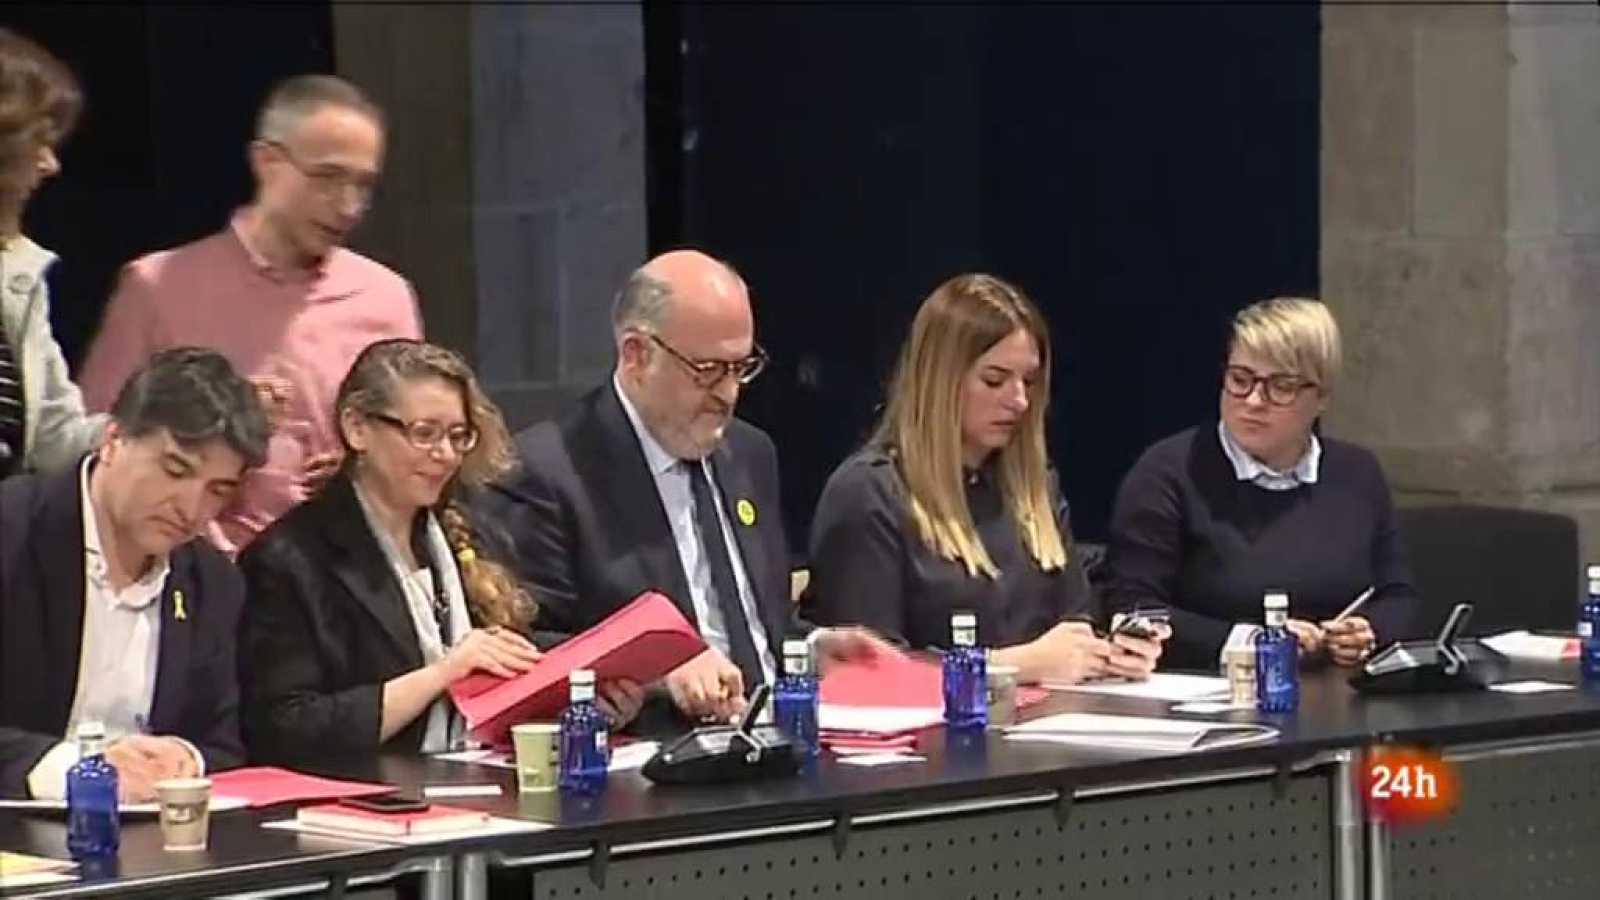 Vídeo sobre l'anàlisi de l'actualitat política a Catalunya. Vespre 24 del 01/04/2019